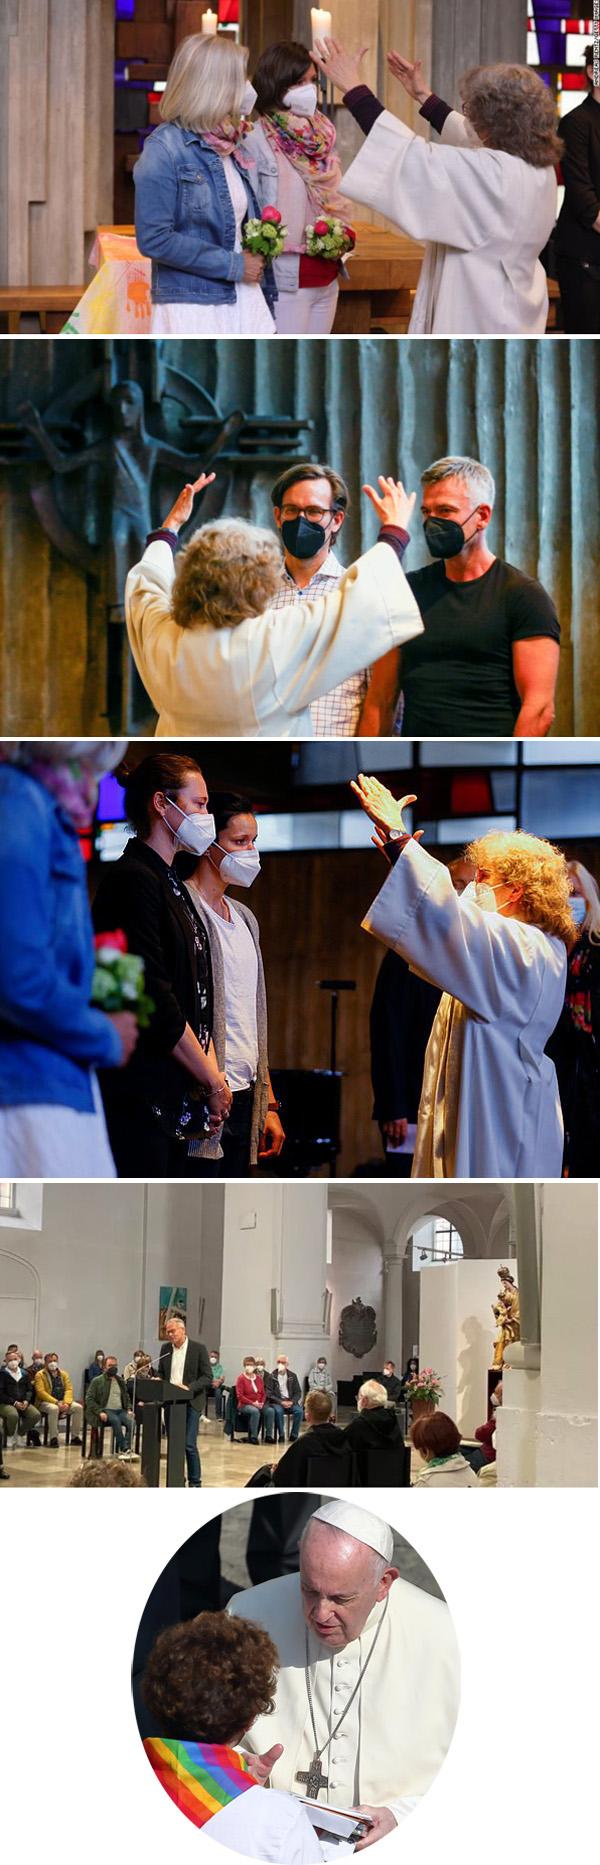 La iglesia alemana bendice las homosexulas 3